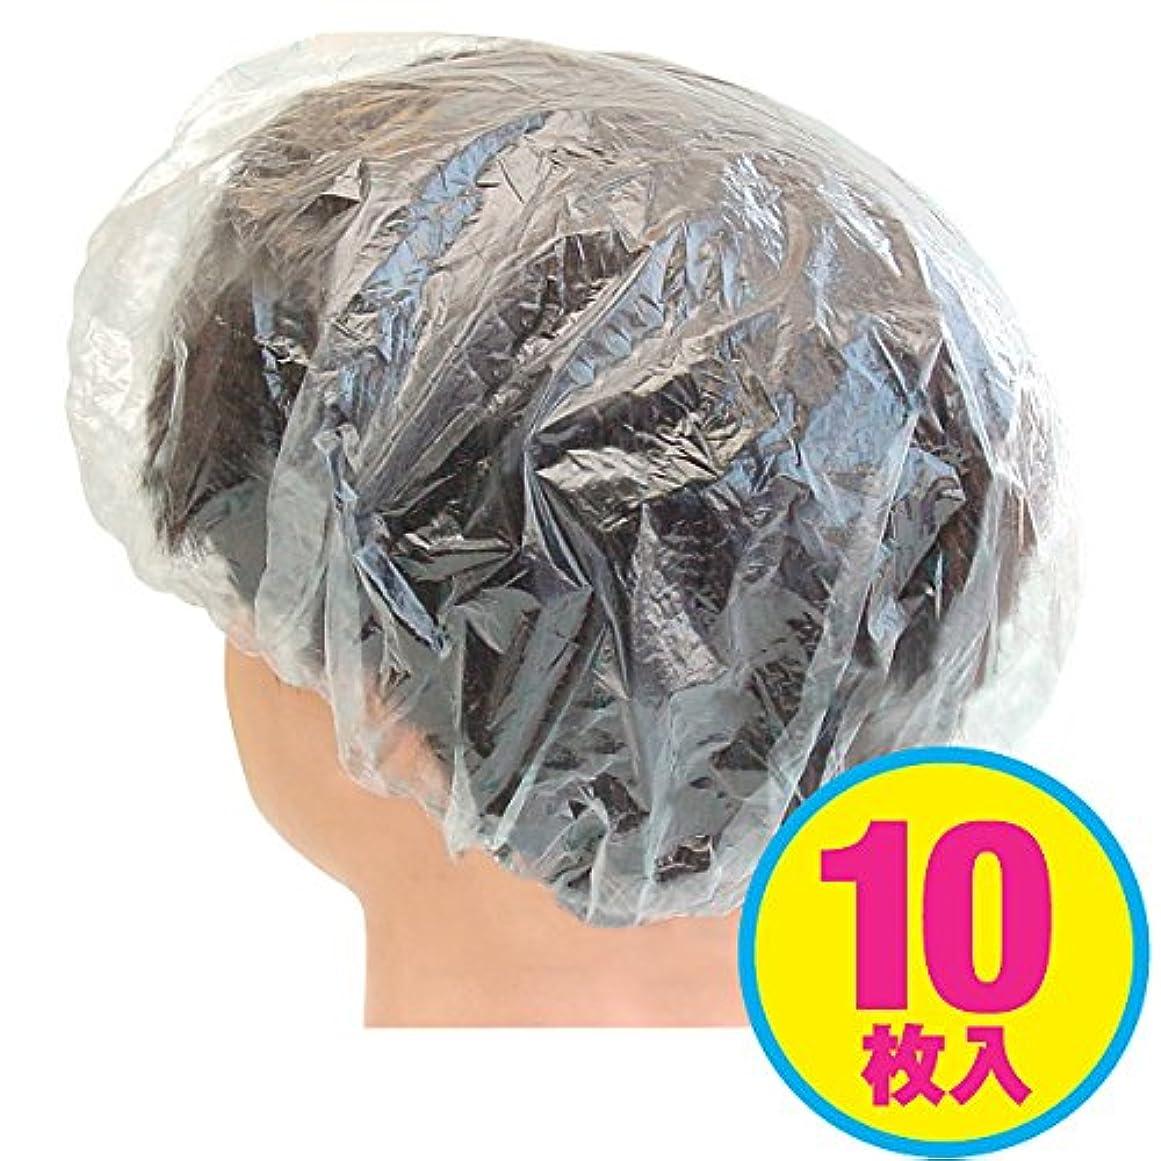 読むメッシュモチーフ使い捨て【シャワーキャップ】業務用10枚入 ビニール製(髪を染める時や、個包装なので旅行用にも)